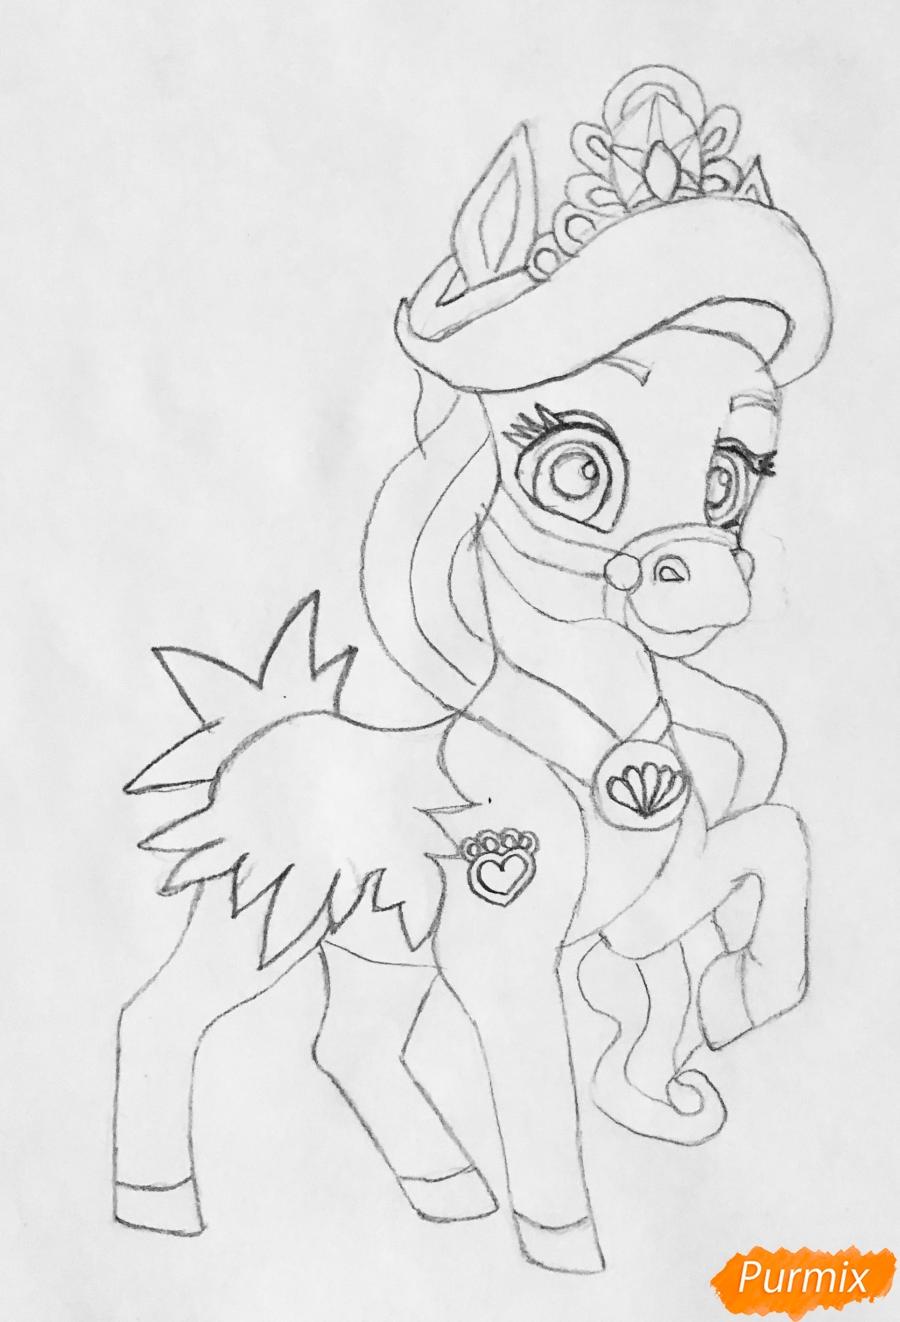 Рисуем лошадку Капельку питомца Ариэль из мультфильма Palace Pets - фото 6